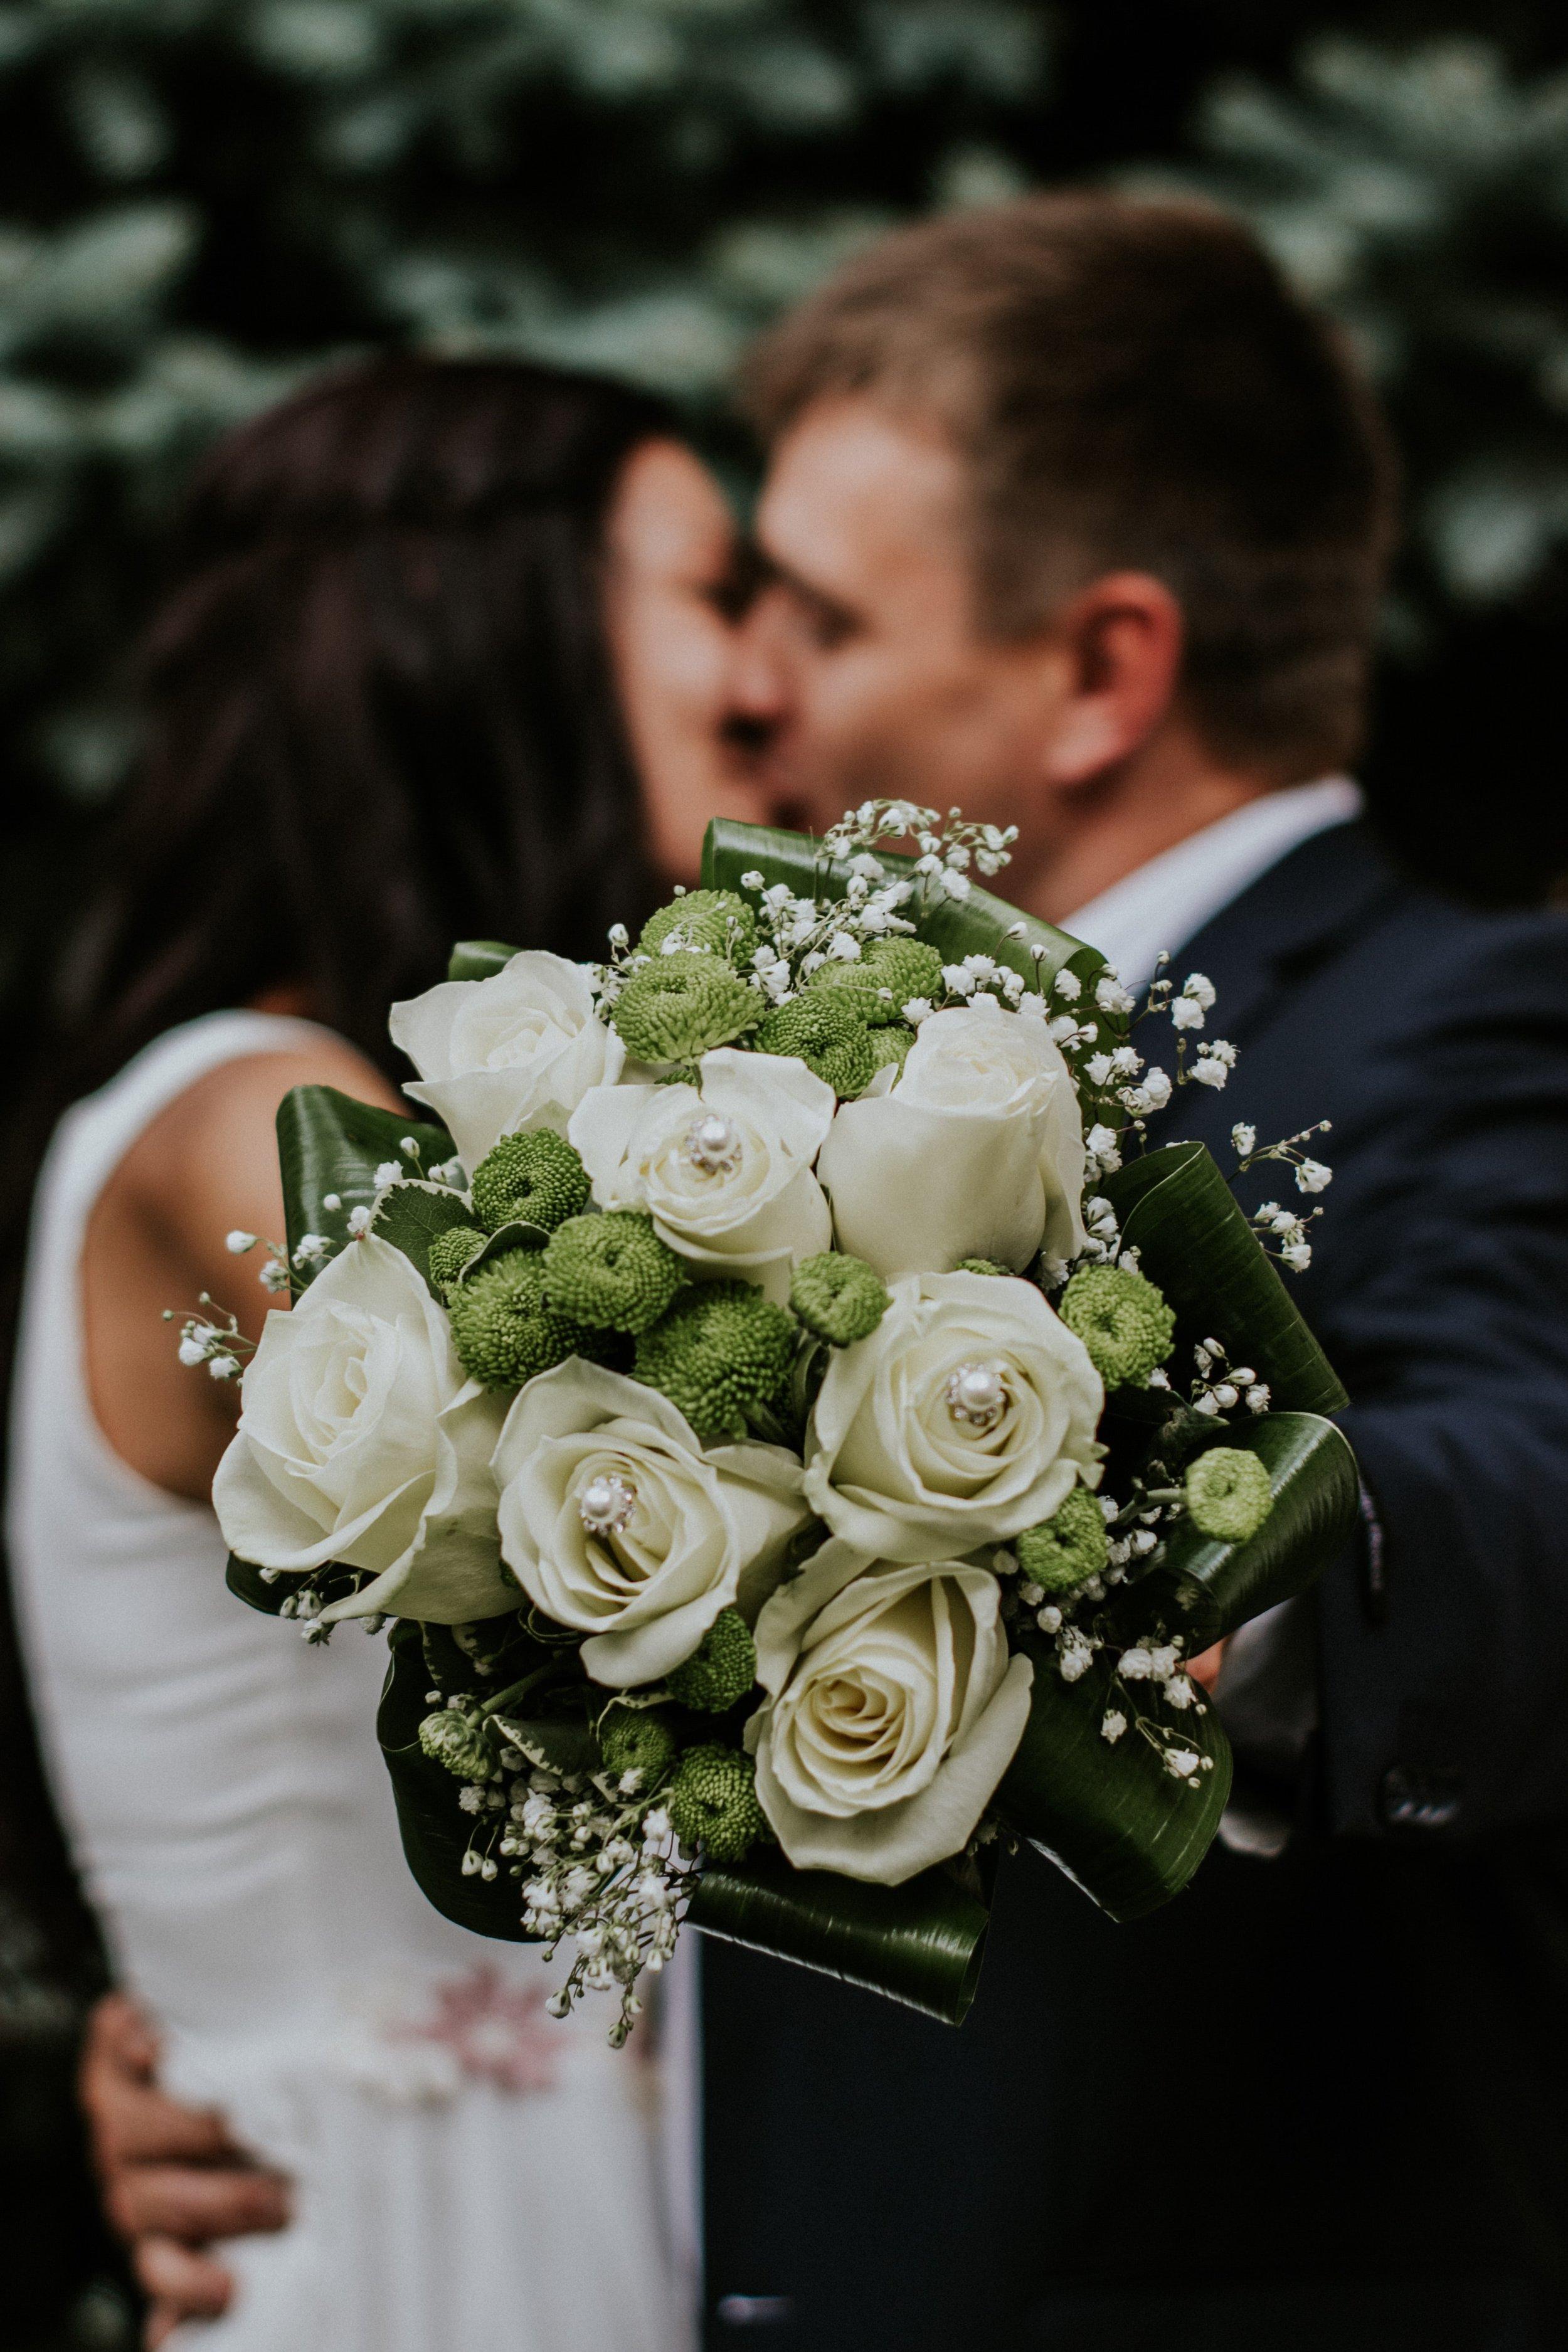 blurred-background-bouquet-bridal-948185.jpg